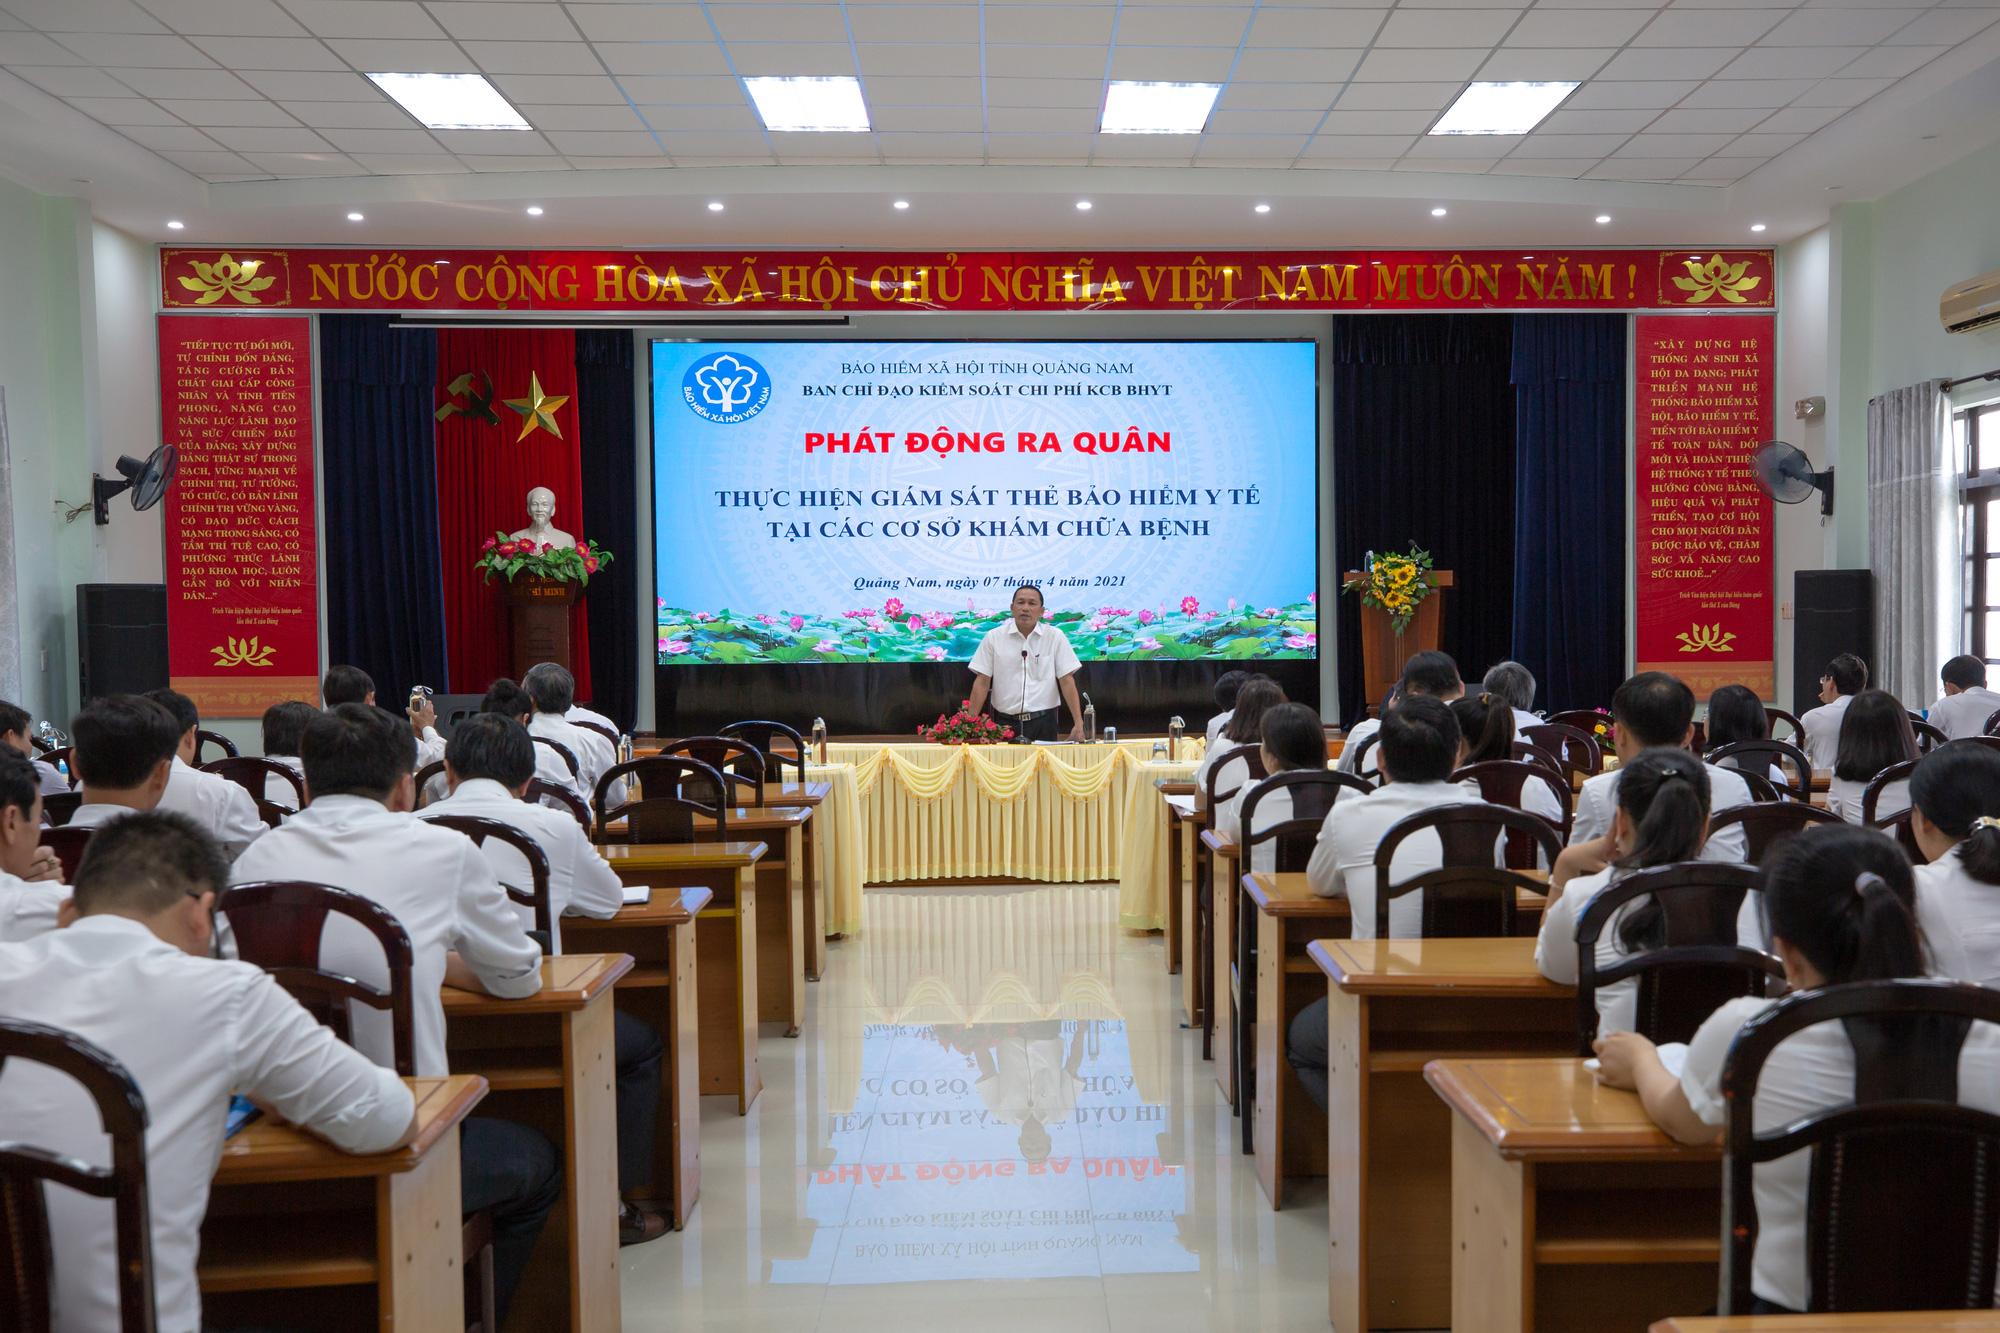 BHXH Quảng Nam ra quân xử lý việc dùng BHYT tại nơi khám chữa bệnh không đúng quy định - Ảnh 2.